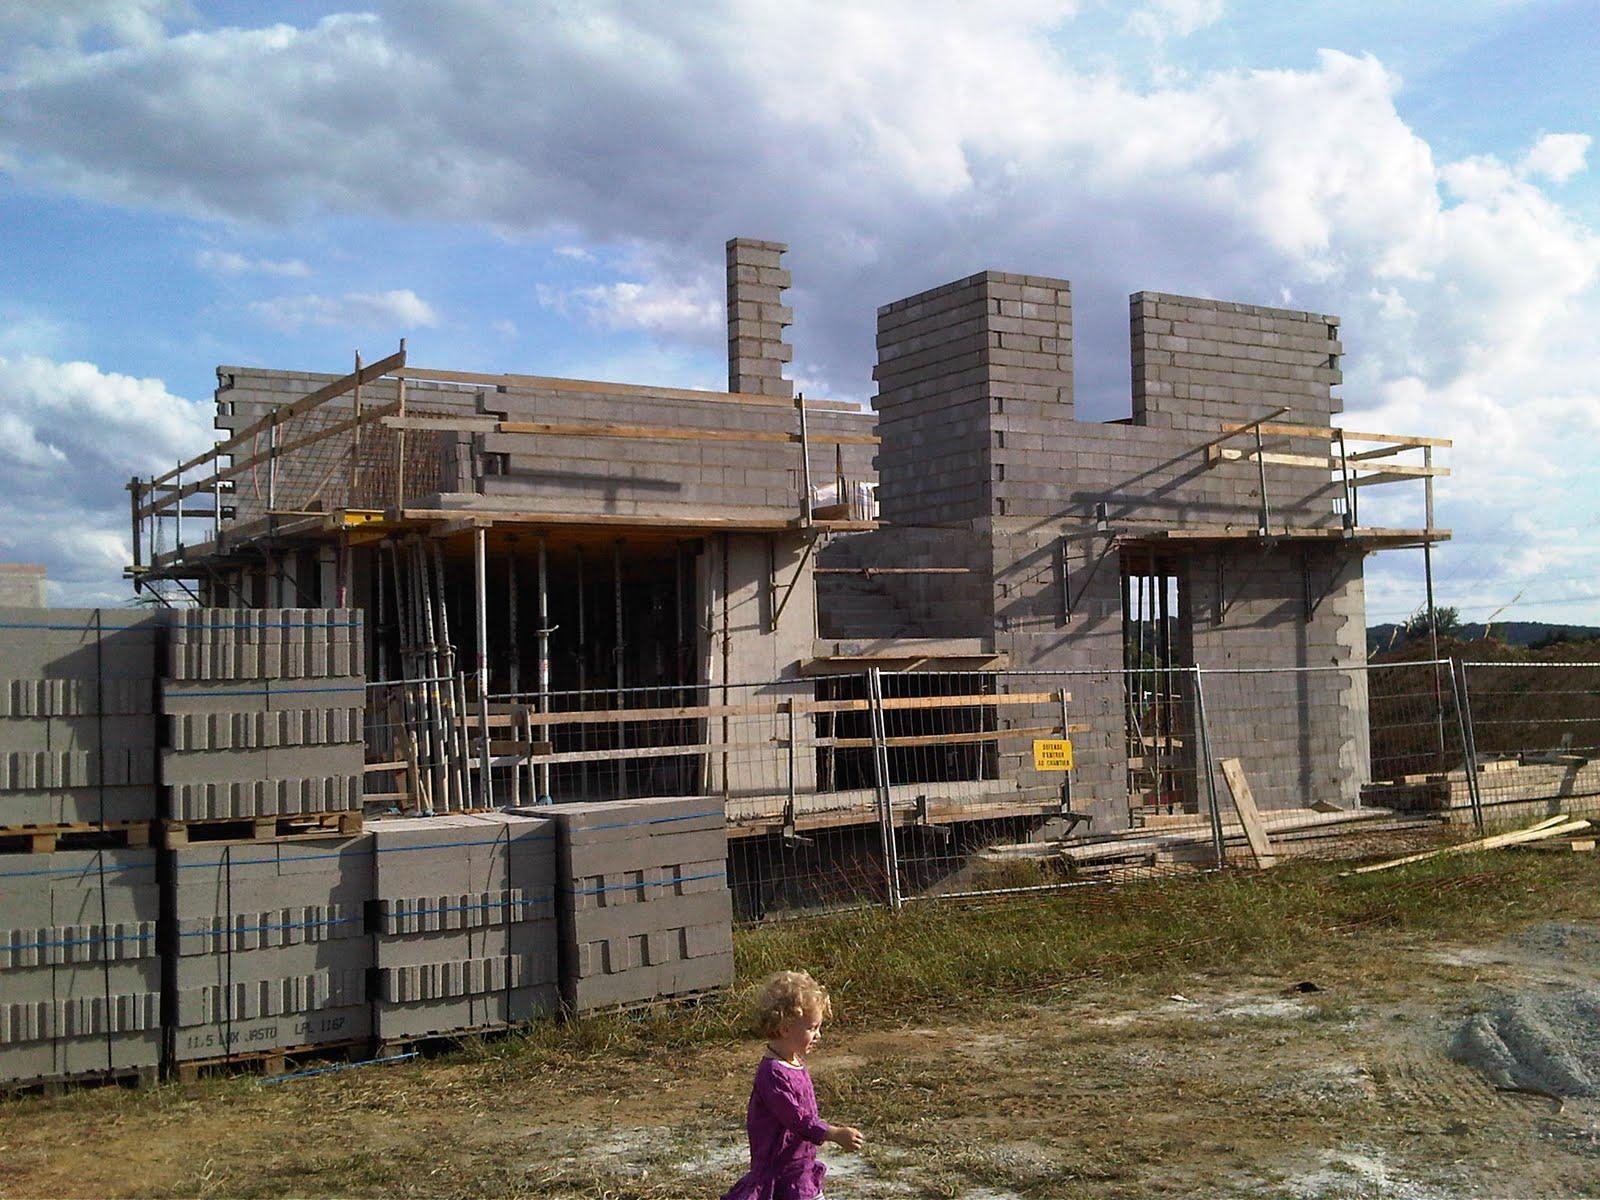 Construction maison ma onneries du 1er termin es a suivre voiles de b ton - Dalle beton chauffante ...